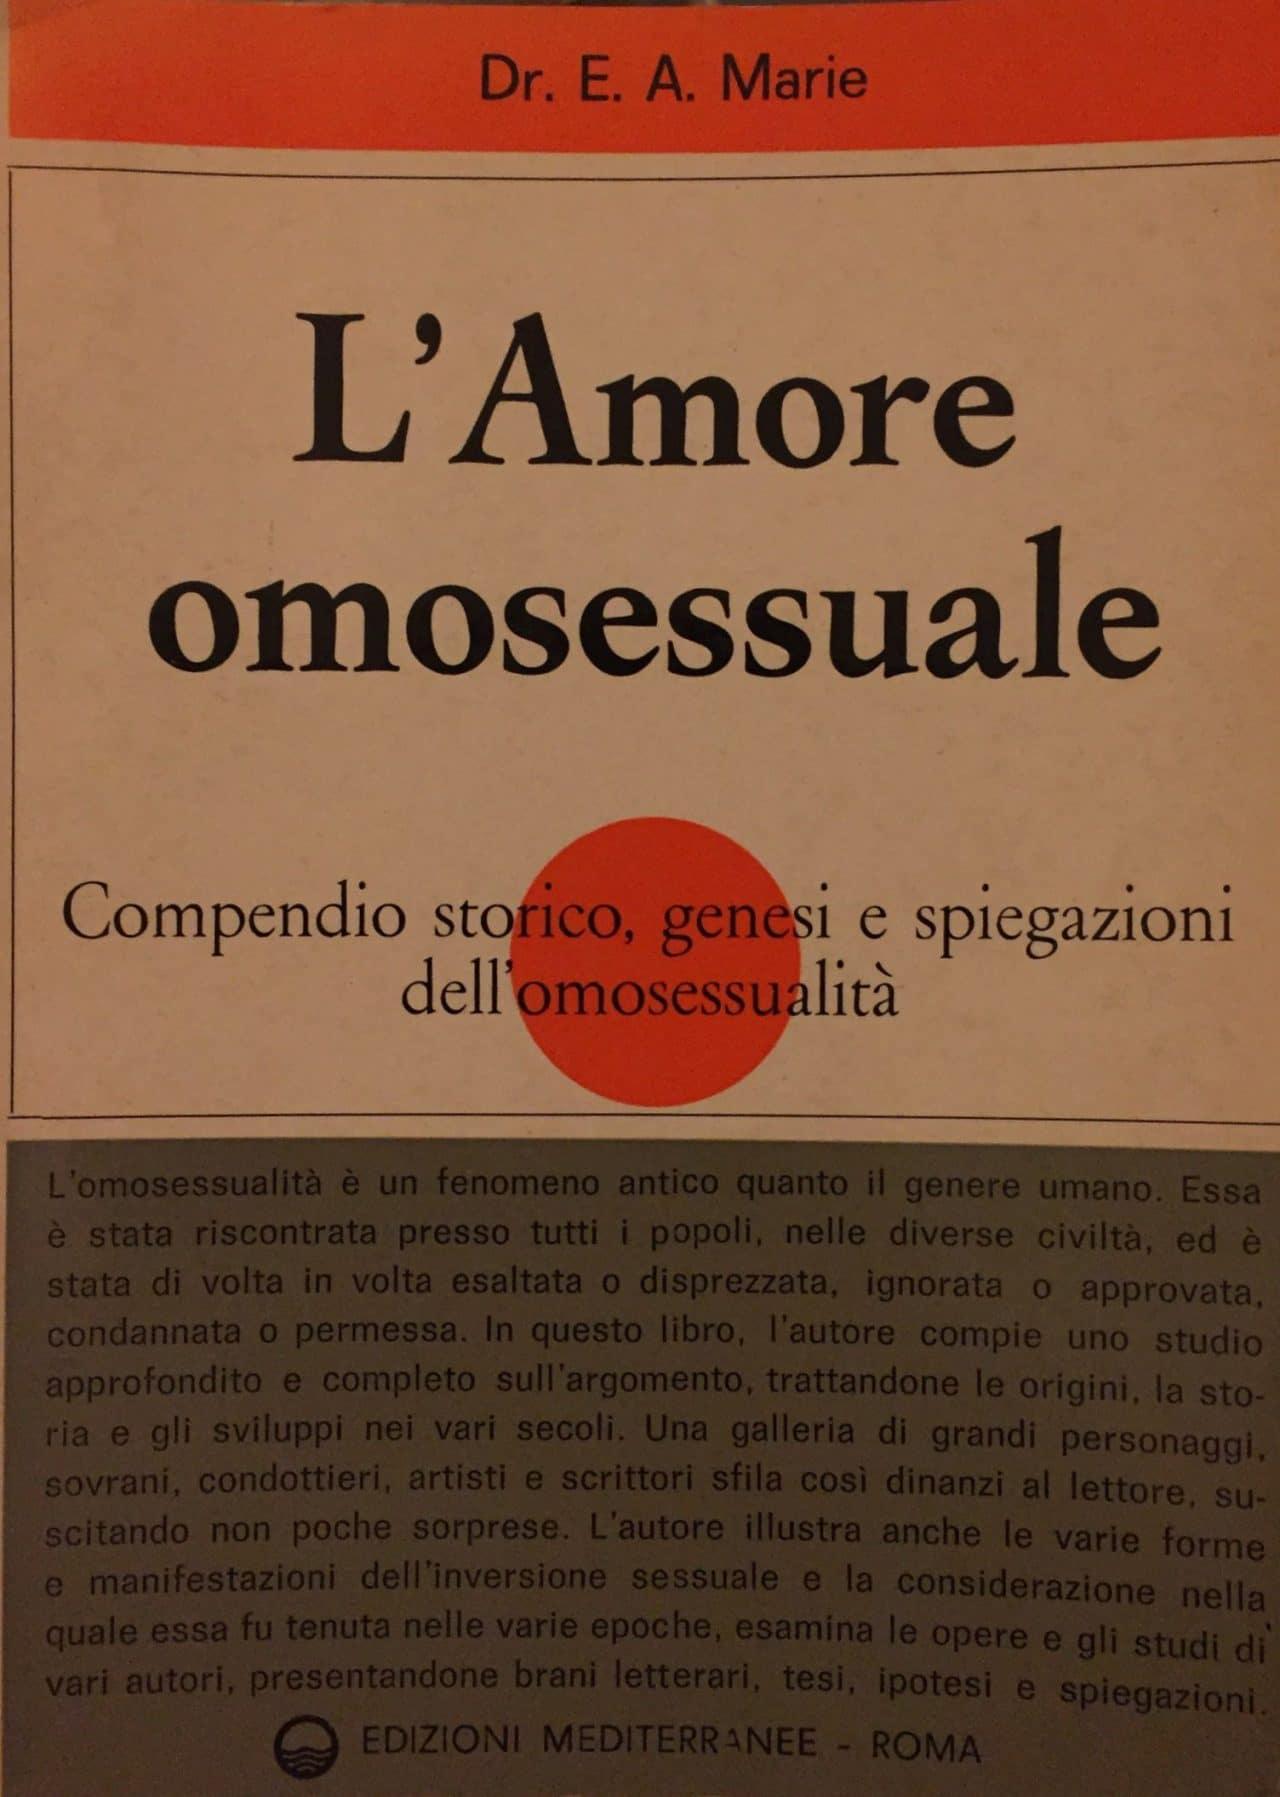 L'Amore Omosessuale Compendio Storico, Genesi E Spiegazioni Dell'omosessualità